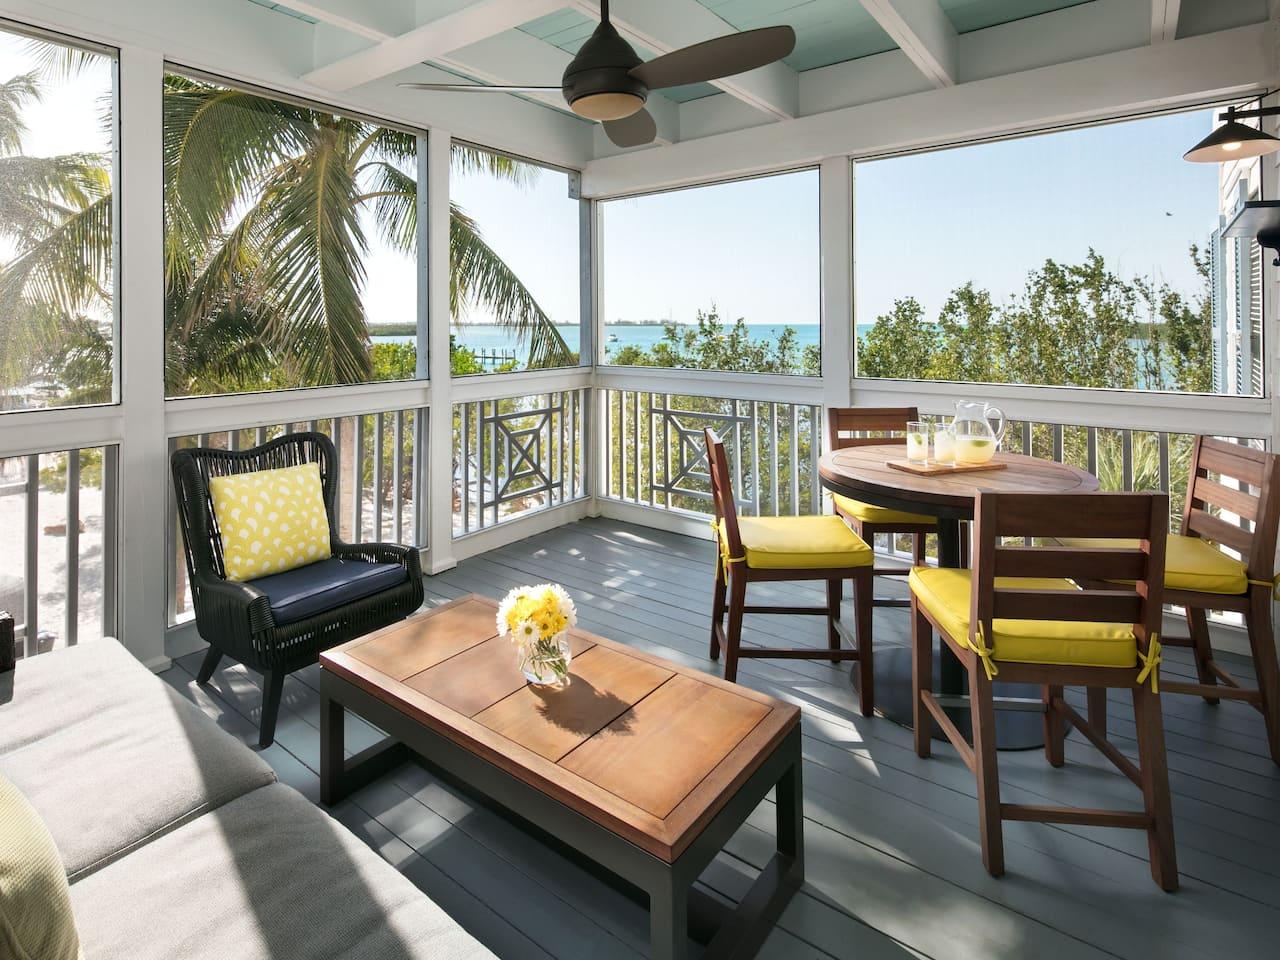 Beach House Patio